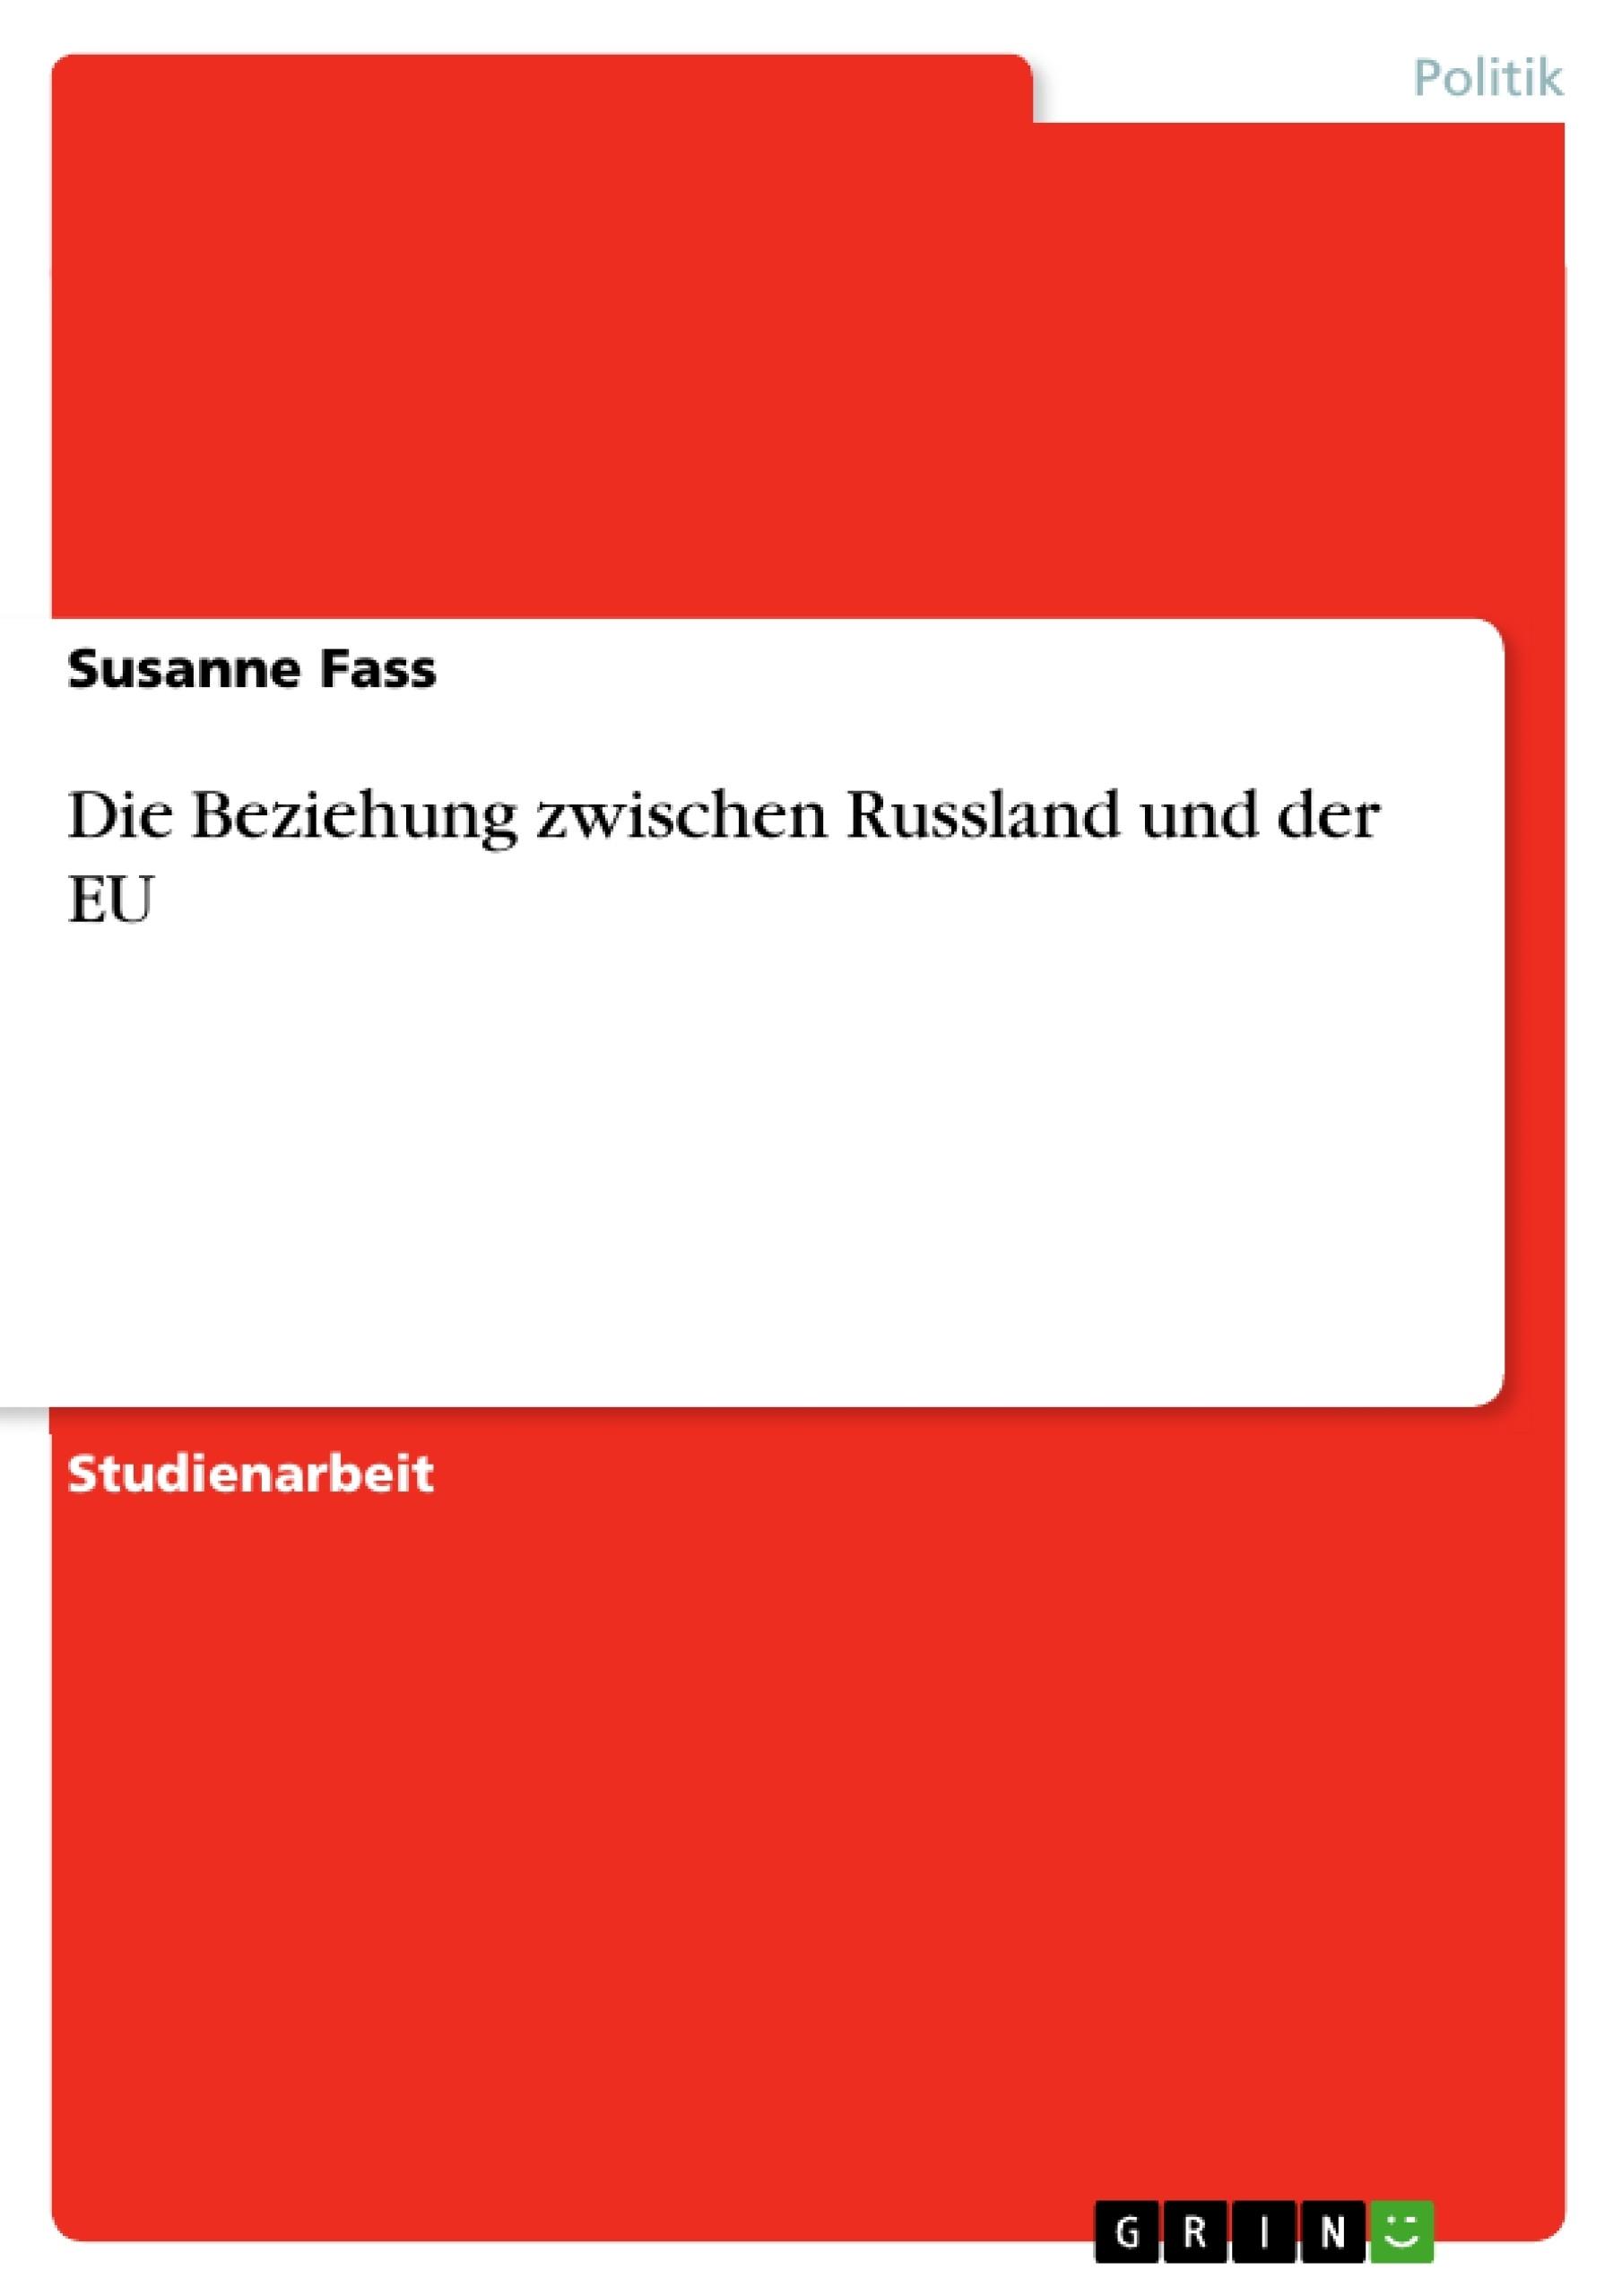 Titel: Die Beziehung zwischen Russland und der EU